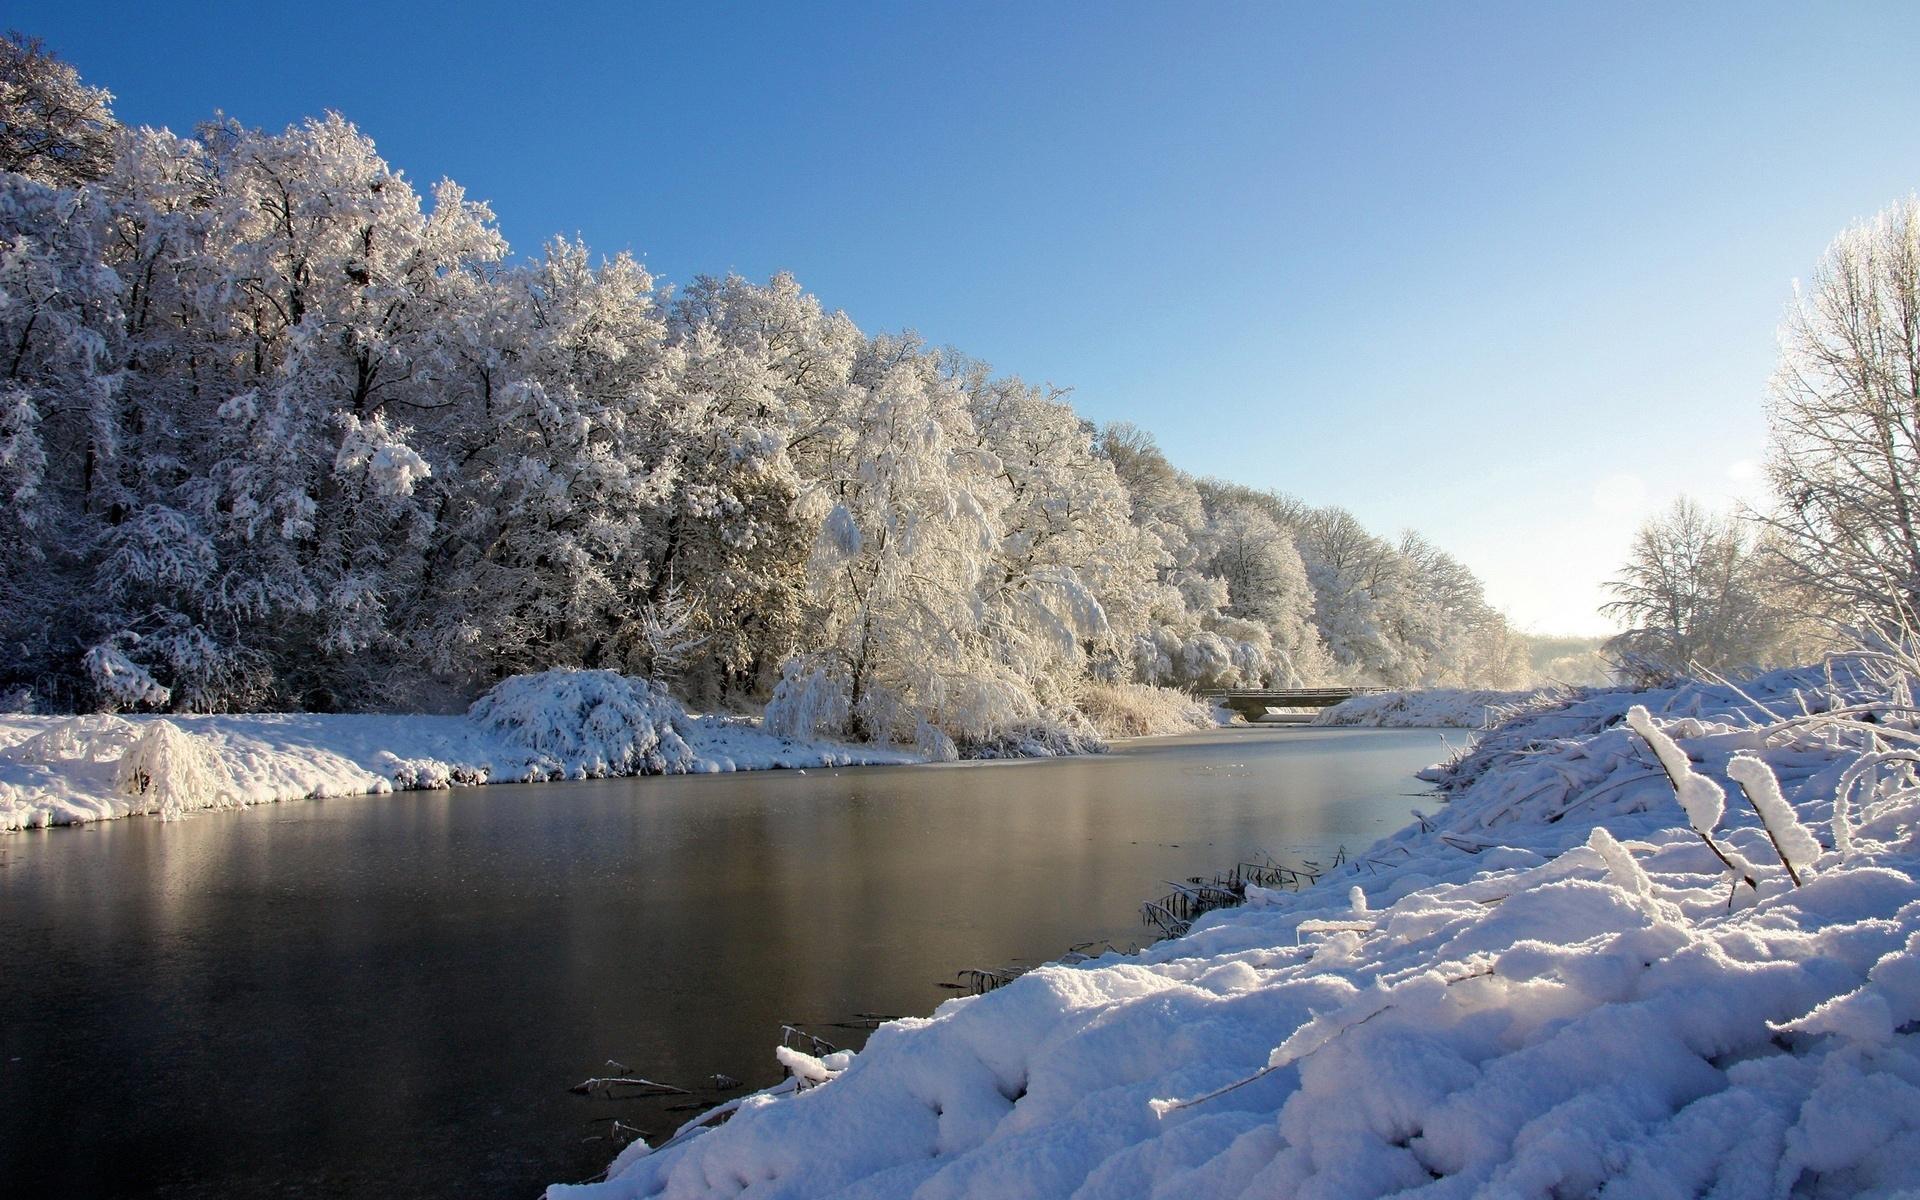 27024 скачать обои Пейзаж, Зима, Река, Деревья, Снег - заставки и картинки бесплатно